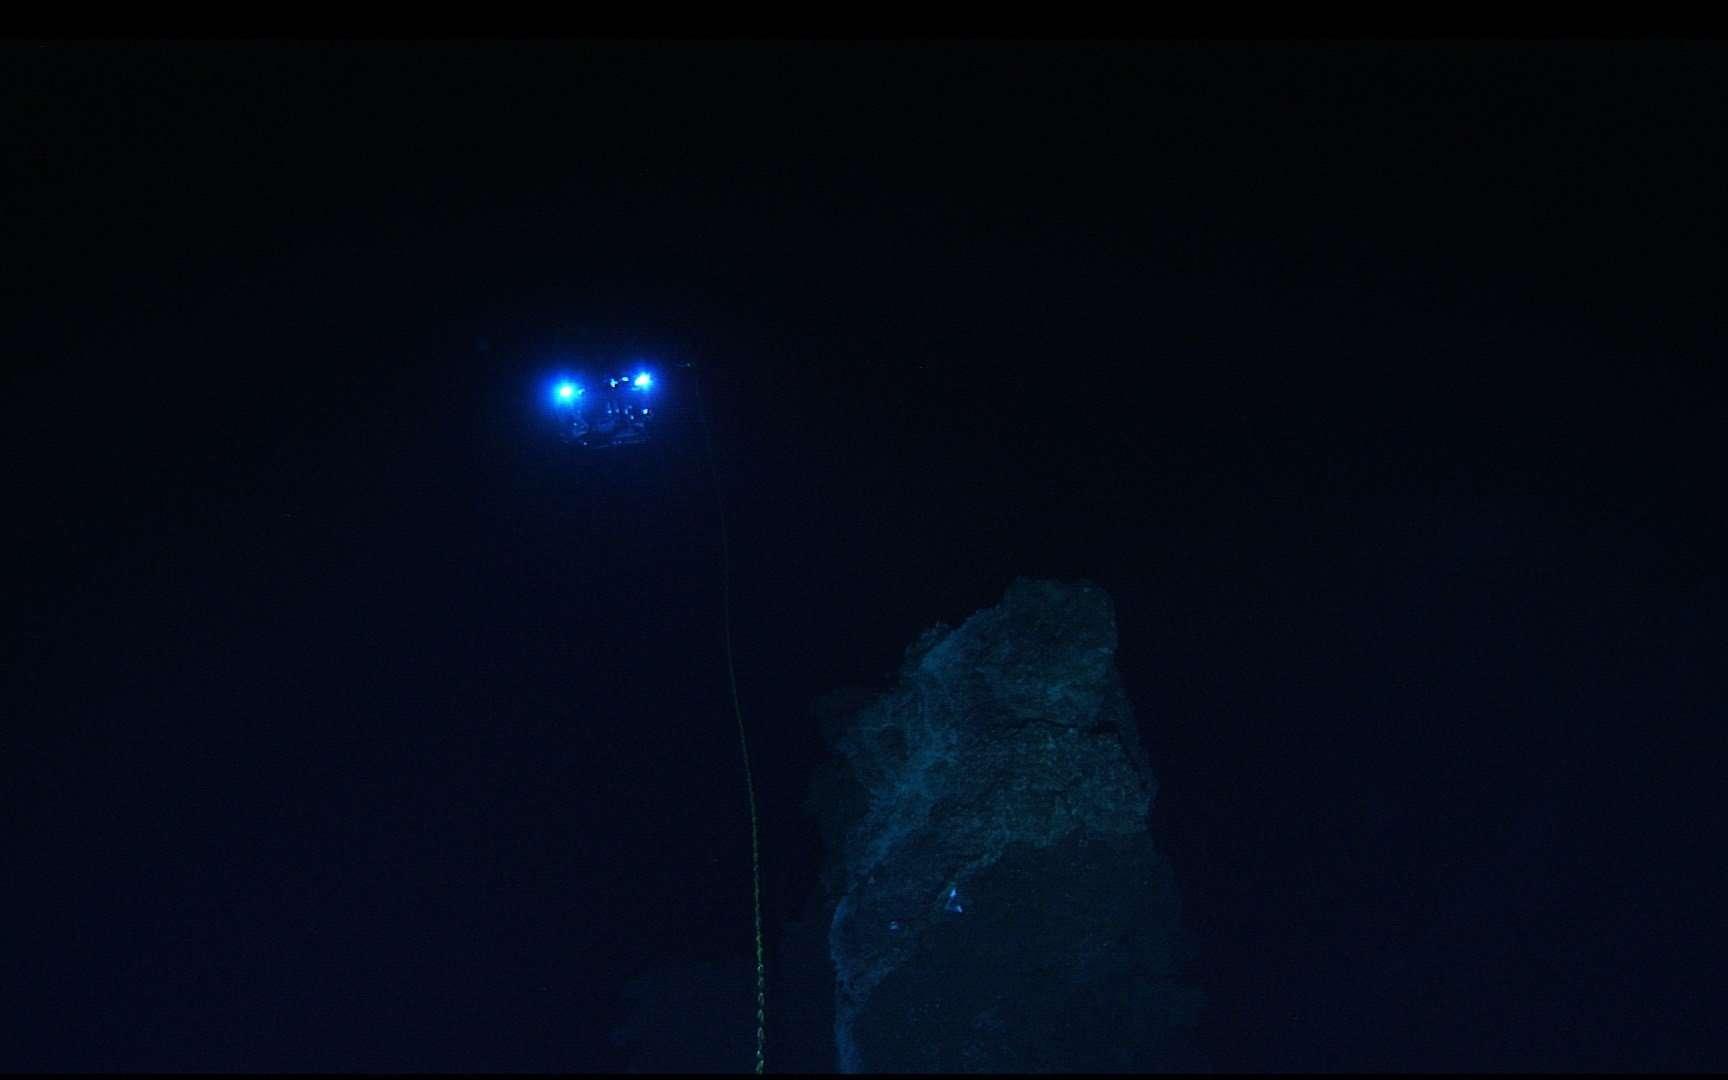 La plus ancienne épave a été retrouvée en mer Noire grâce à un ROV. © NOAA Photo Library